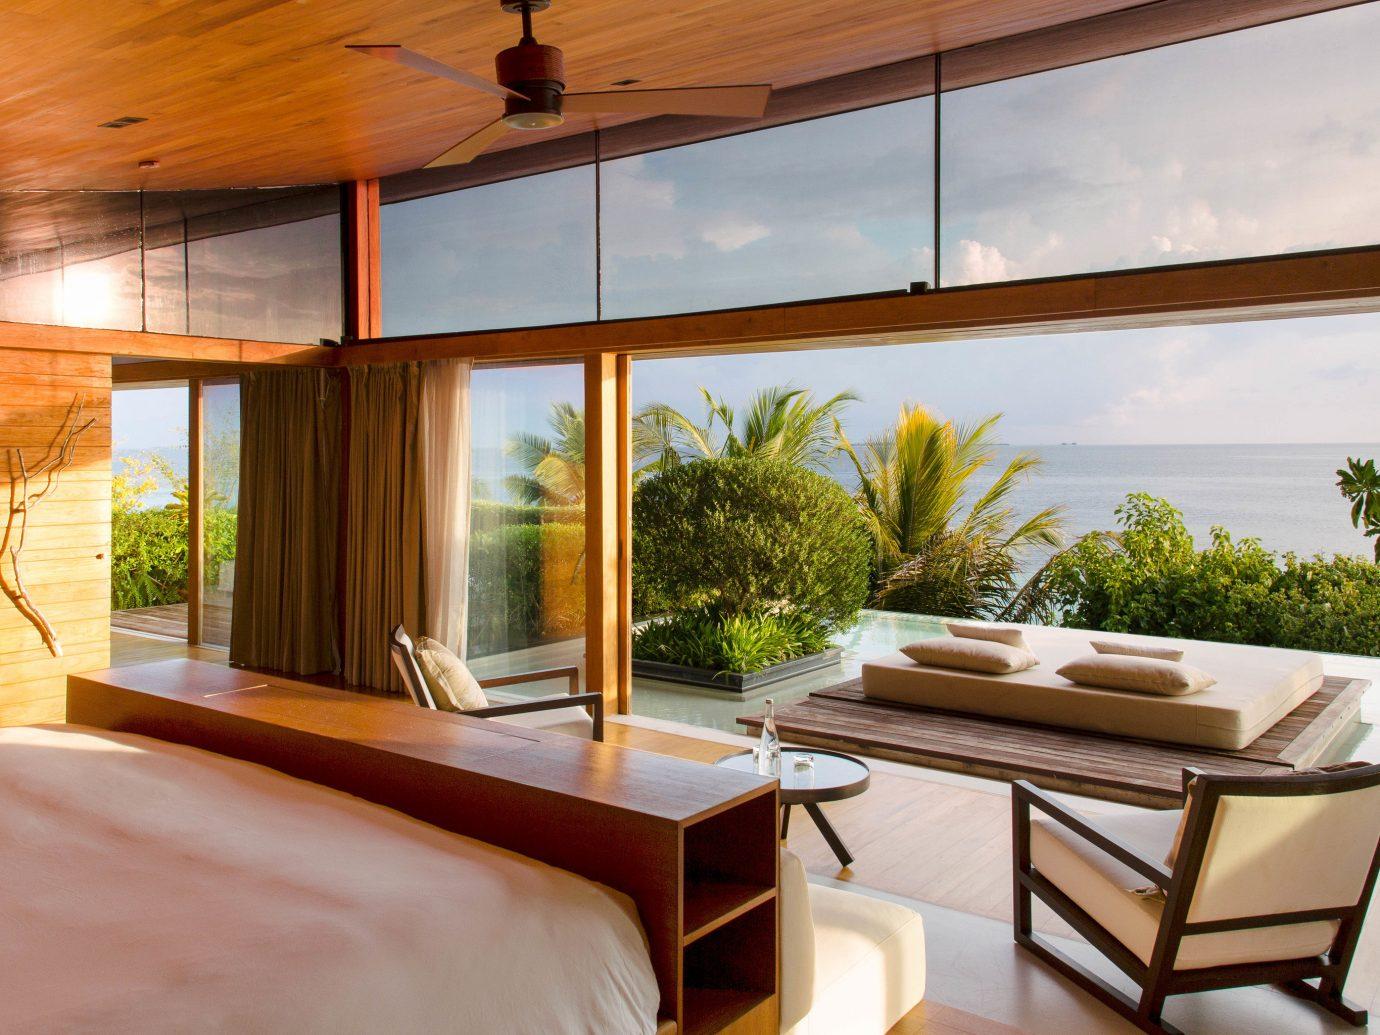 Bedroom at Coco Privé, Maldives